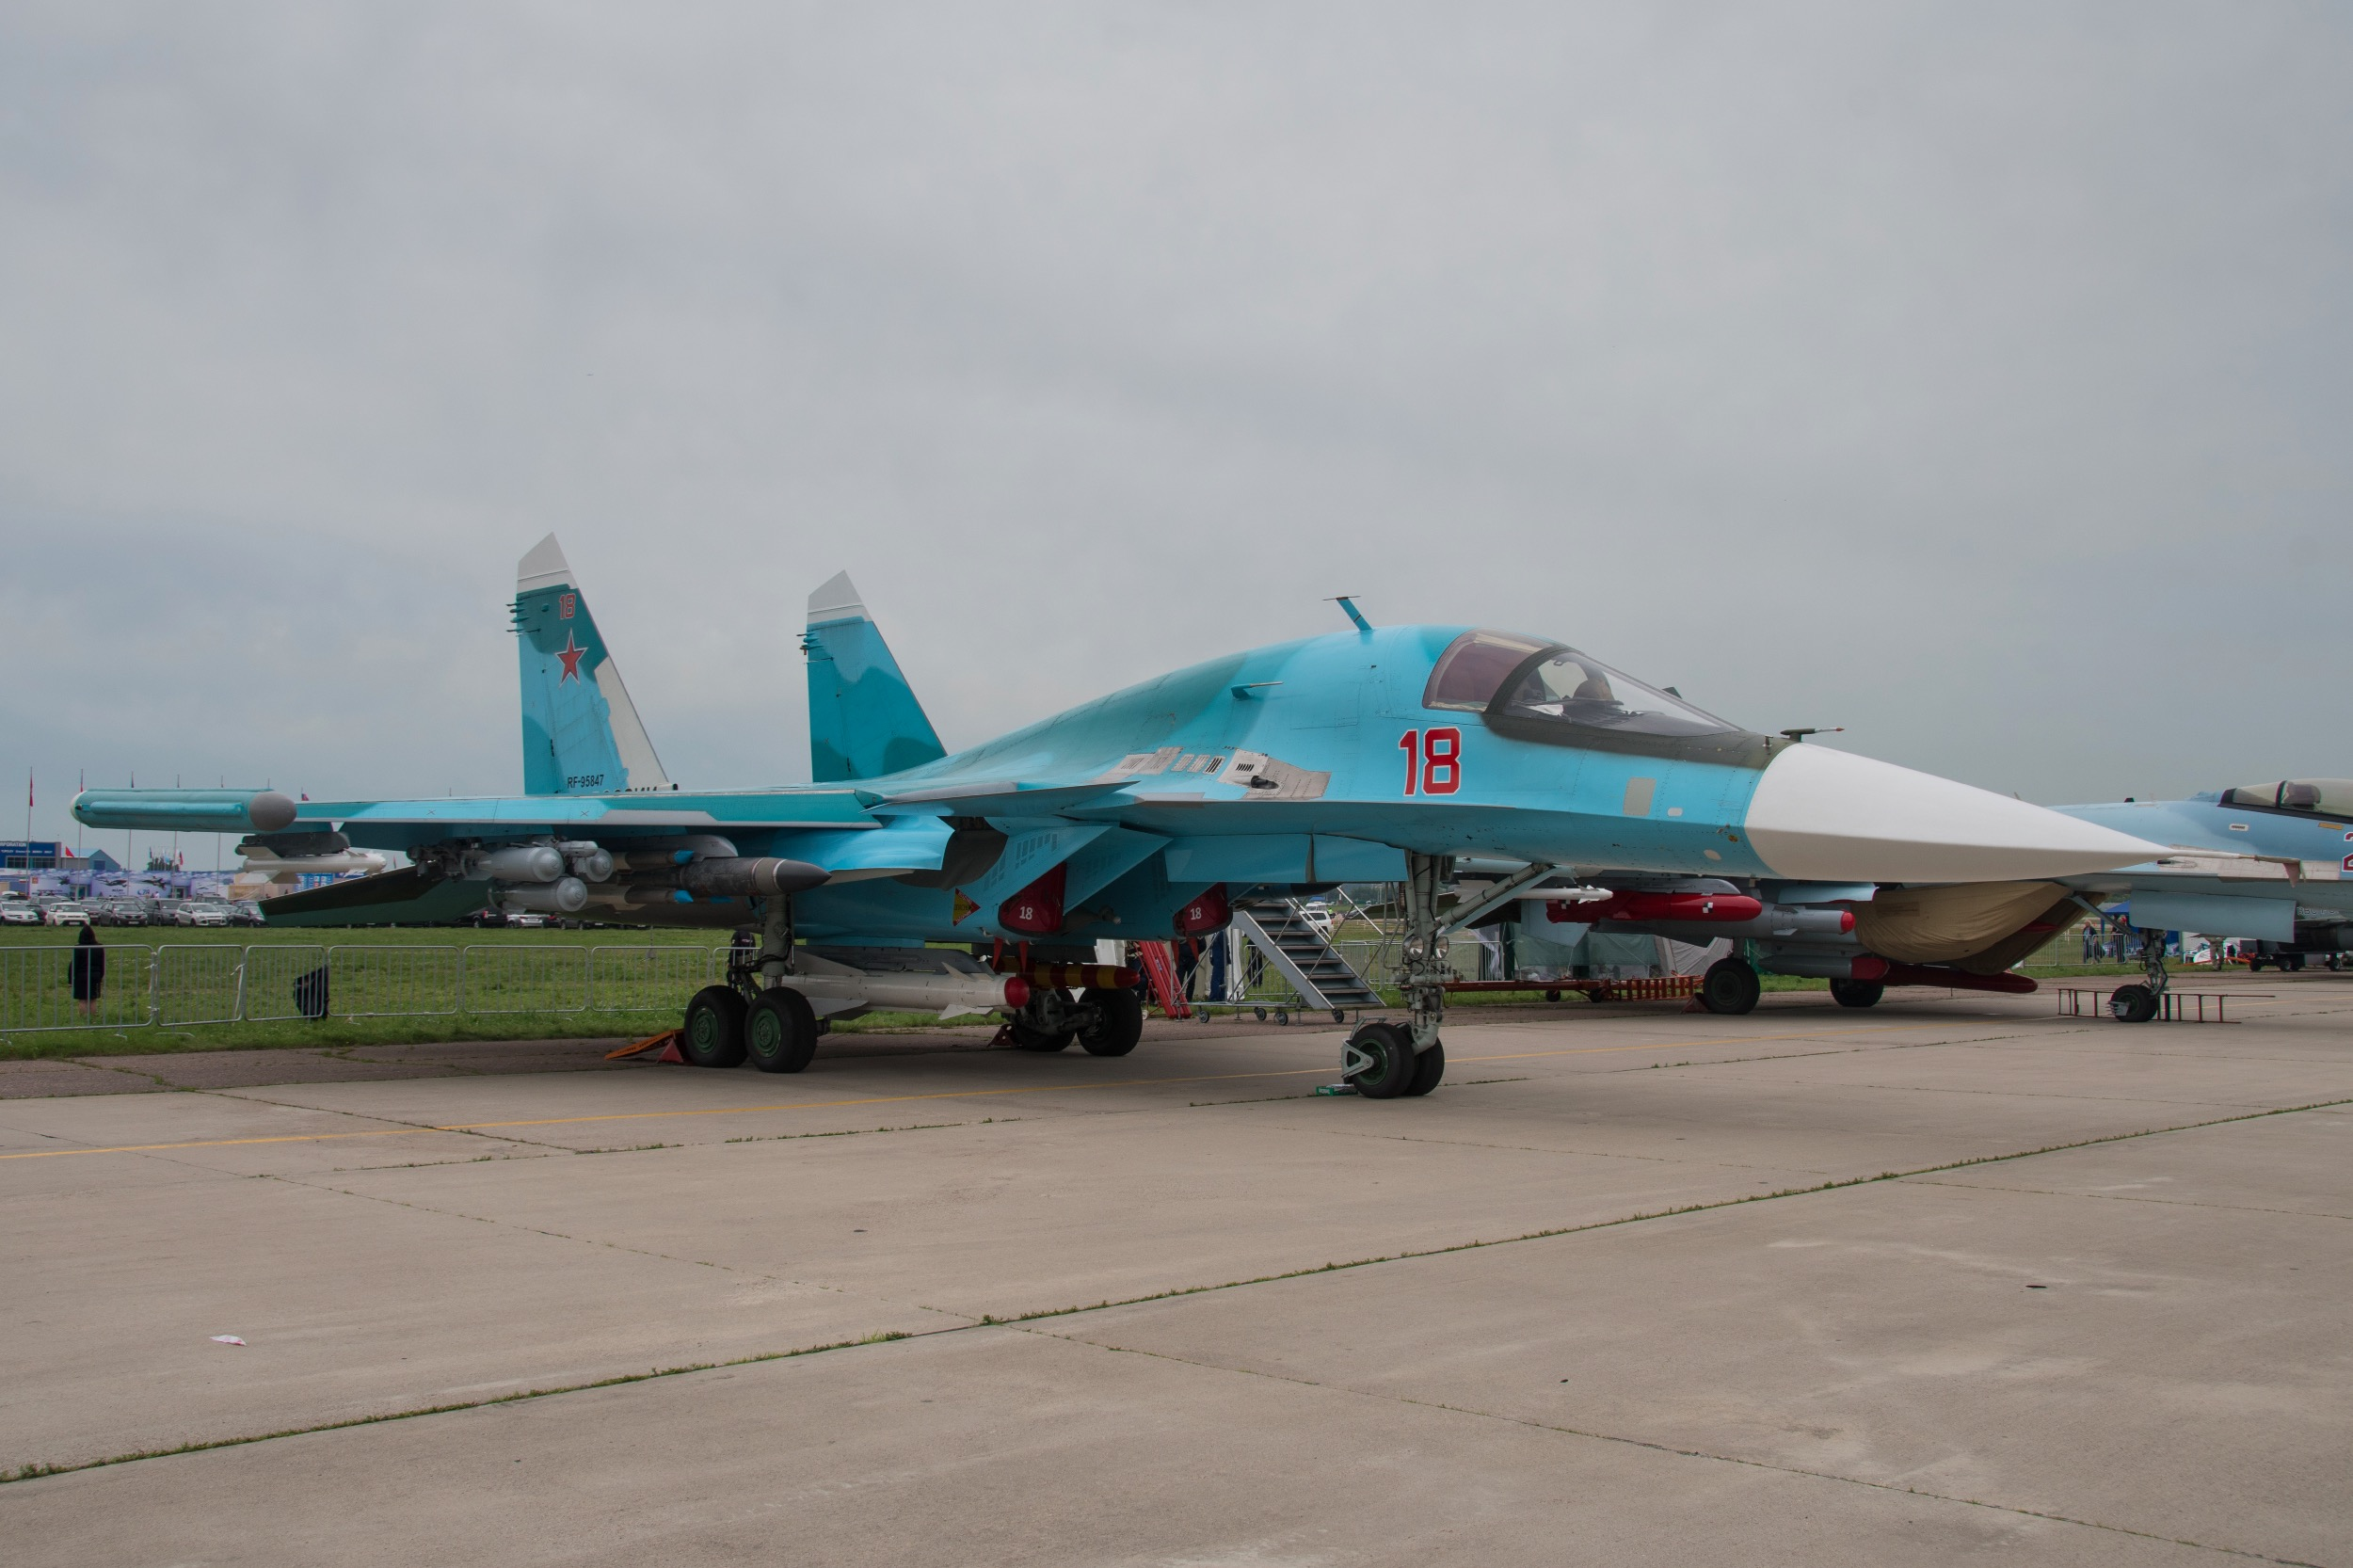 """Sukhoi Su-34 """"Fullback"""", 18 rouge"""